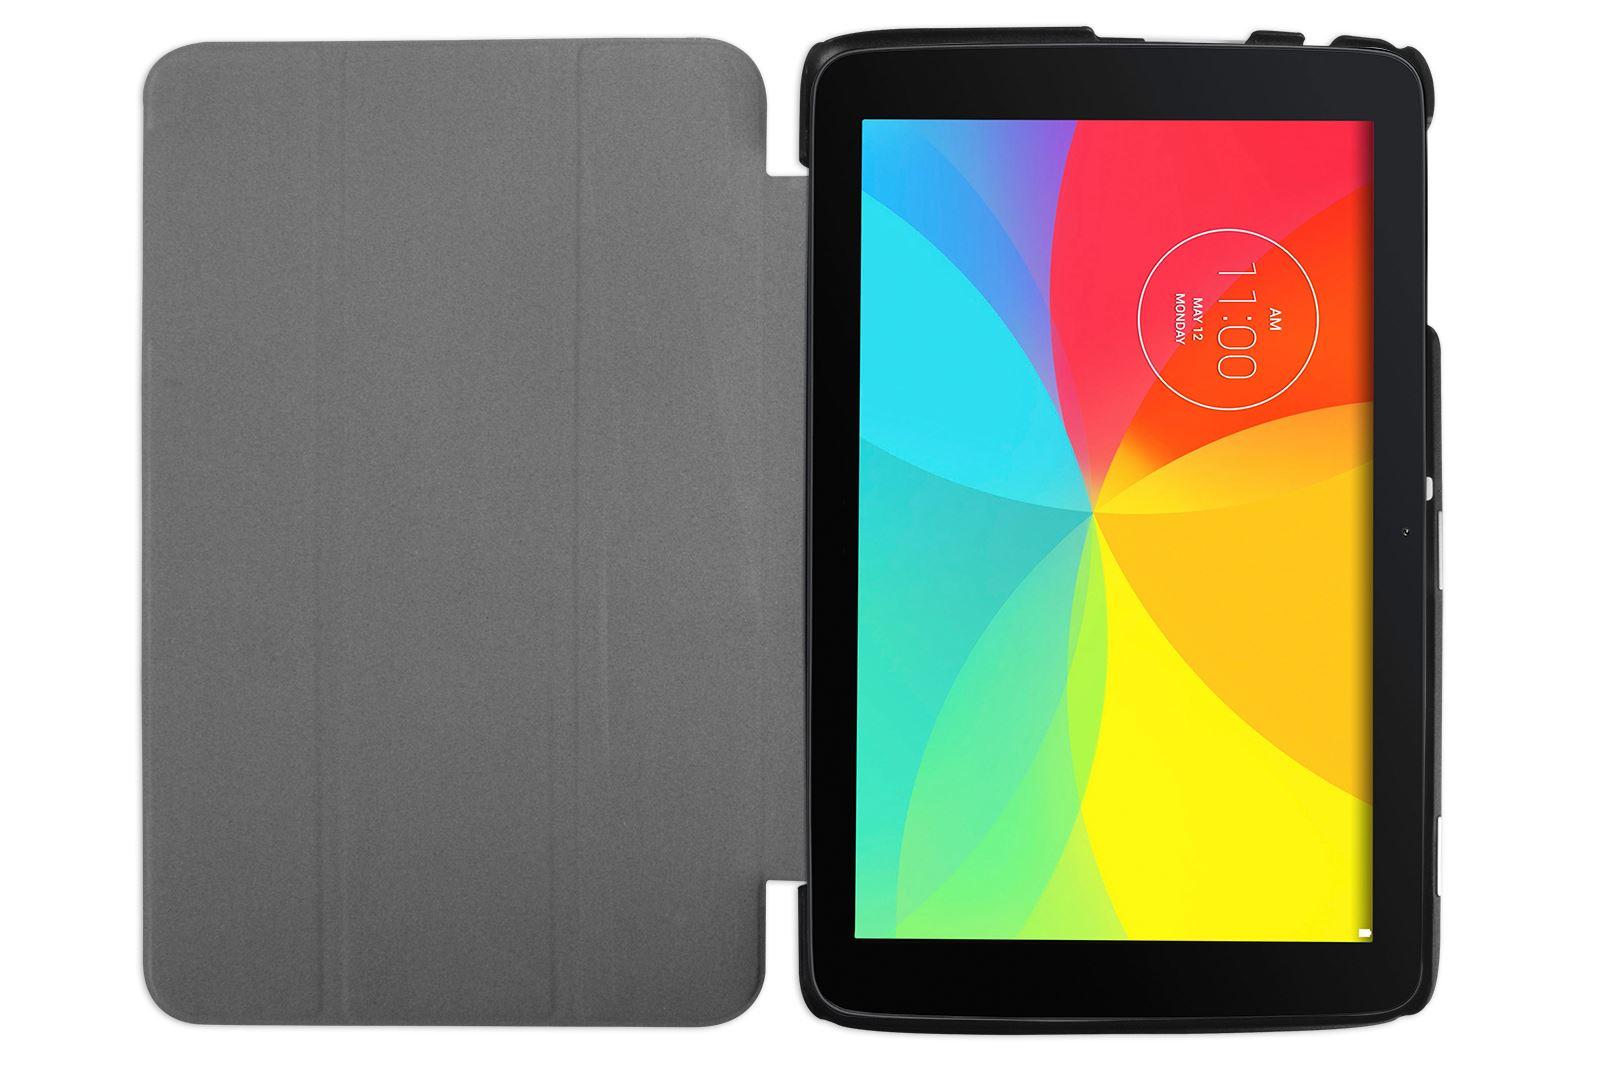 a4e8519c311 Funda Poliuretano Fina Compacta Hellfire Trading para LG G Pad V700 10.1